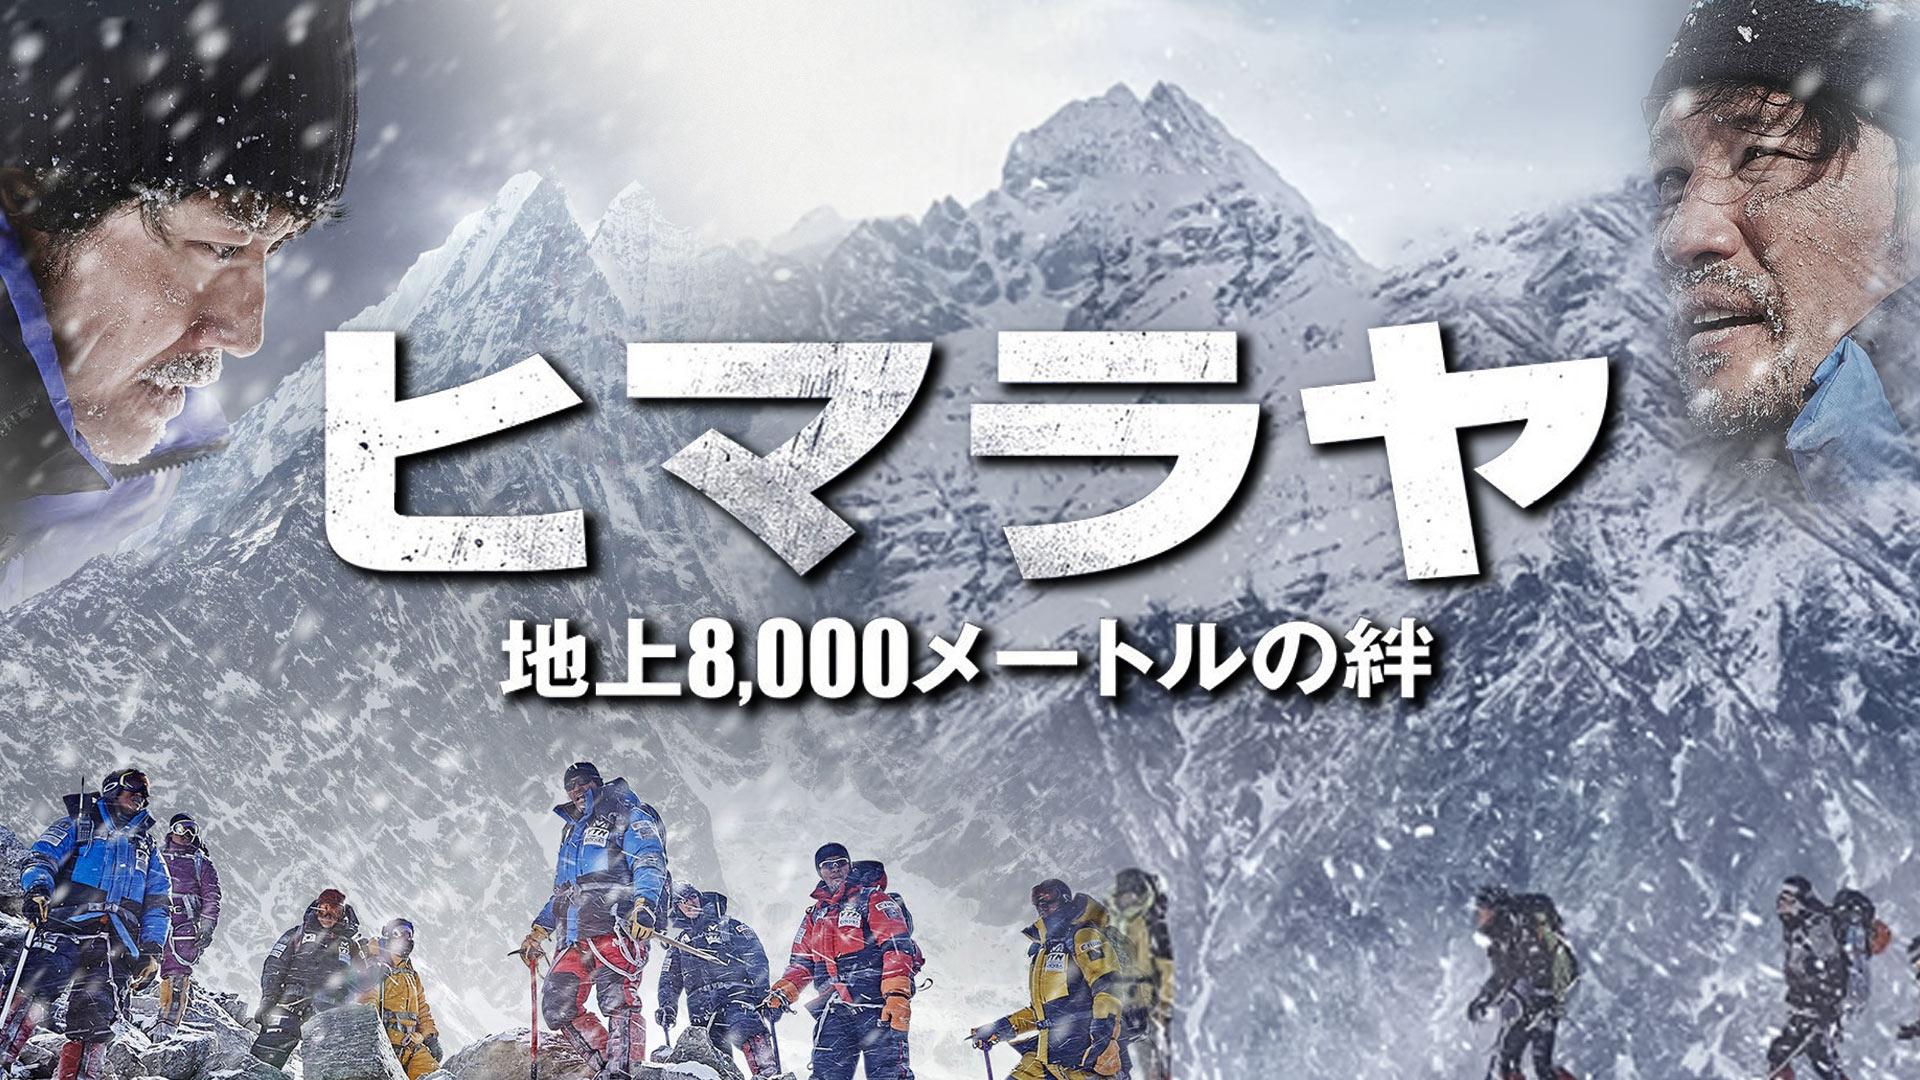 ヒマラヤ ~地上8,000メートルの絆~(字幕版)